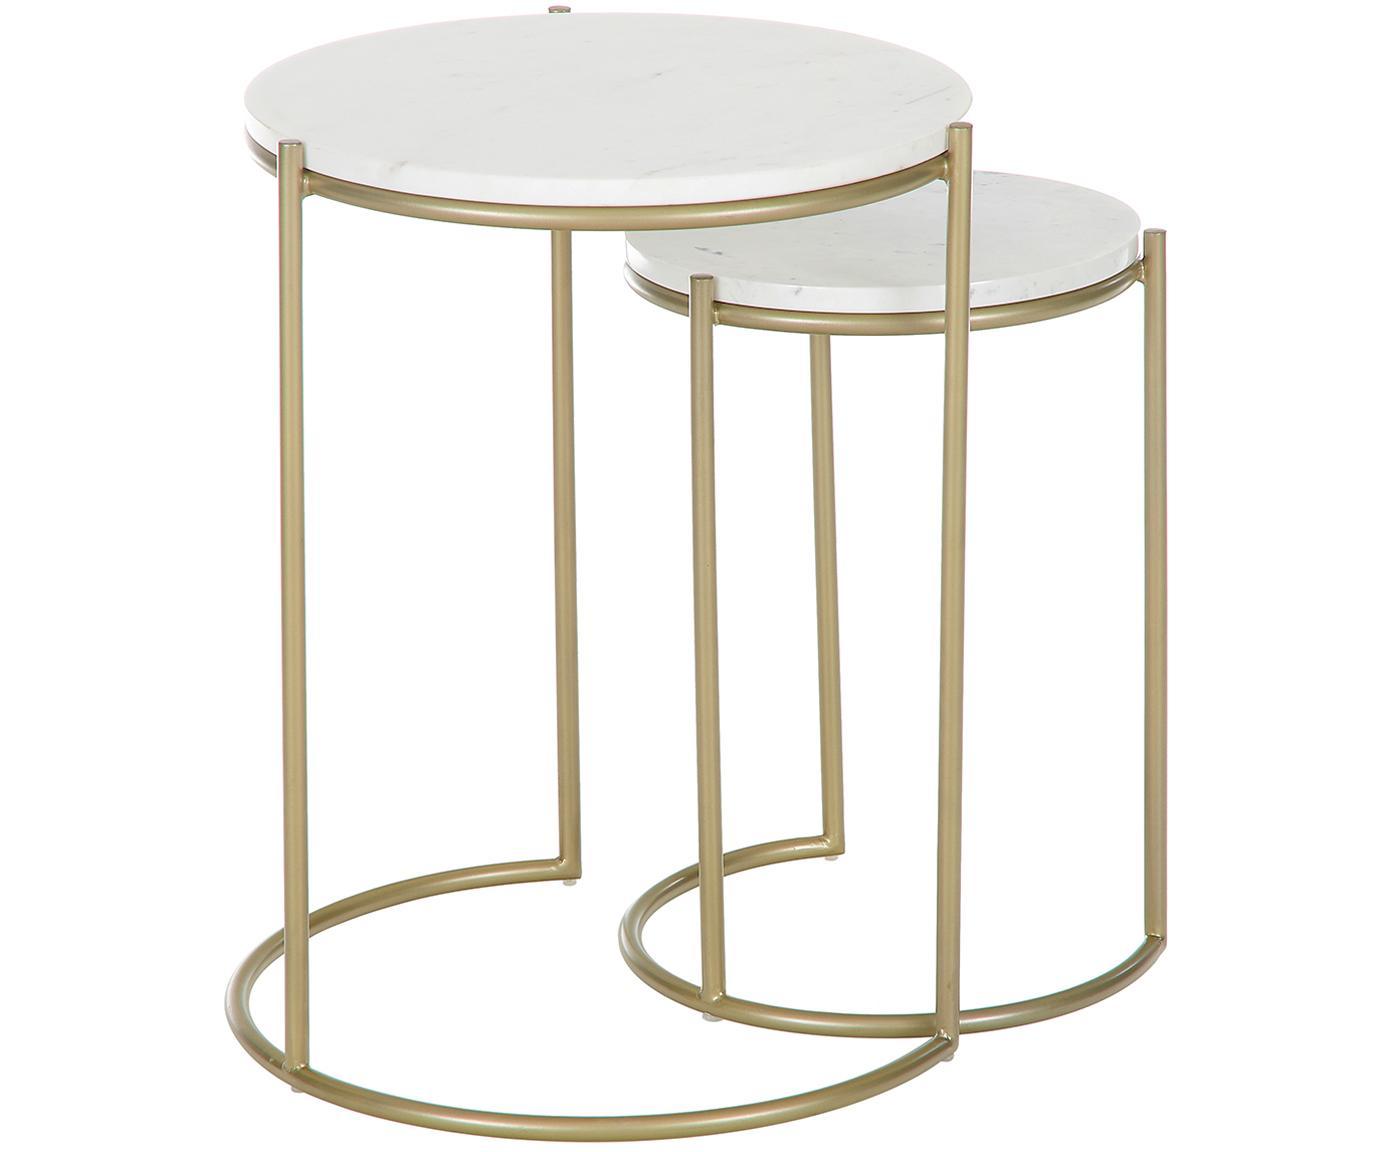 Set 2 tavolini in marmo Ella, Ripiani: pietra naturale di marmo, Struttura: metallo verniciato a polv, Piani d'appoggio: marmo bianco Struttura: dorato opaco, Diverse dimensioni